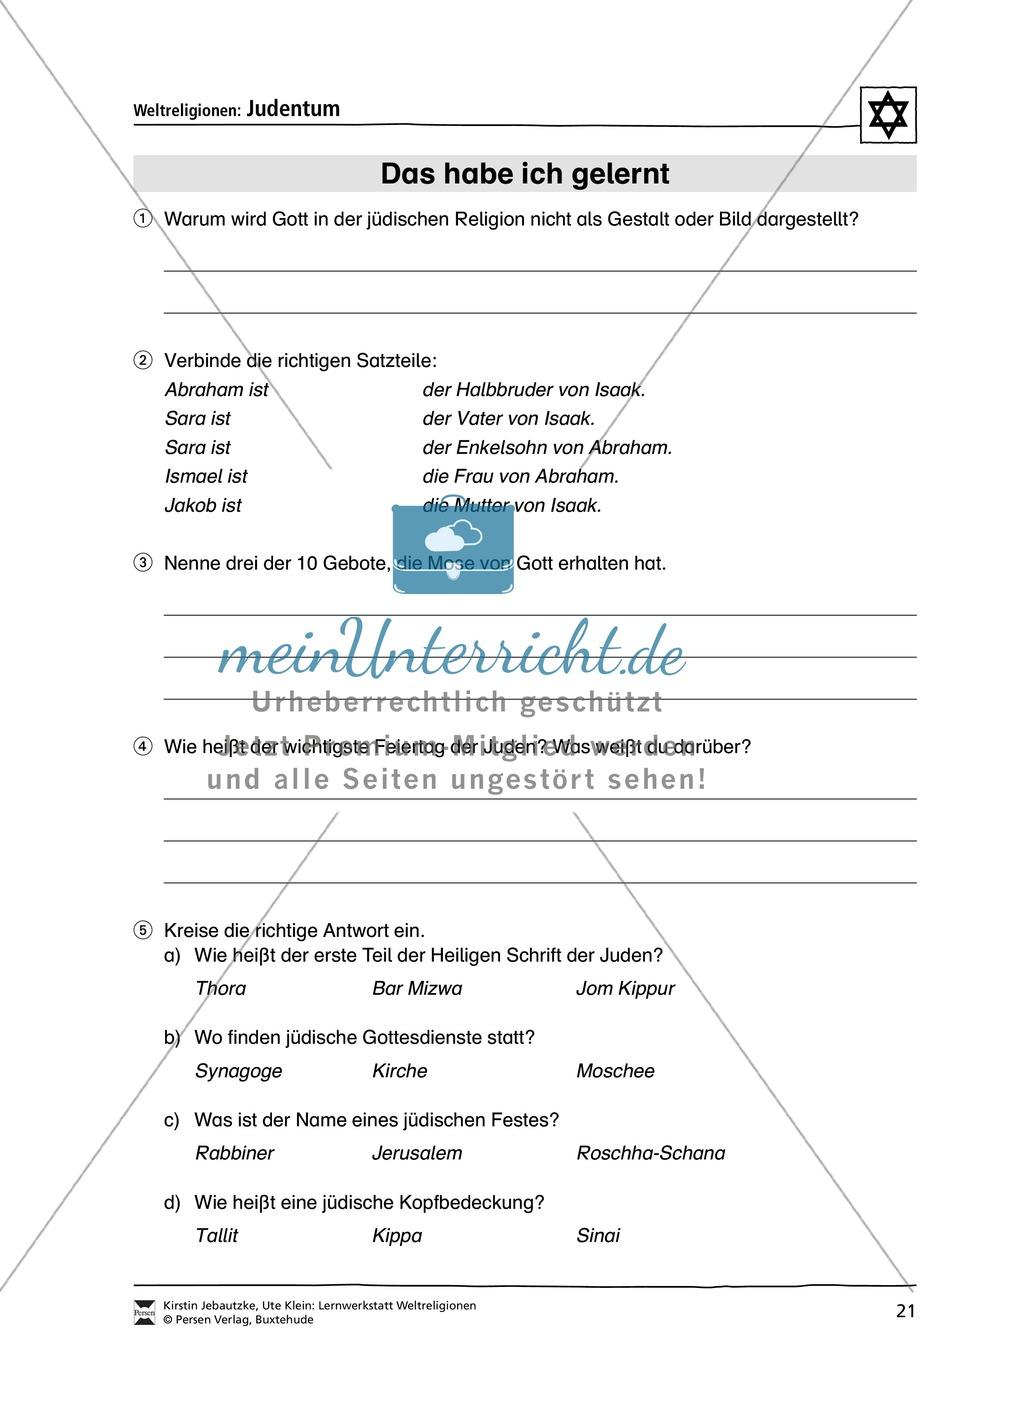 Unterrichtsmaterial zum Judentum - mit Infomaterial zu Gottheit, Schrift, Synagogen, Feiertagen uvm. Preview 13